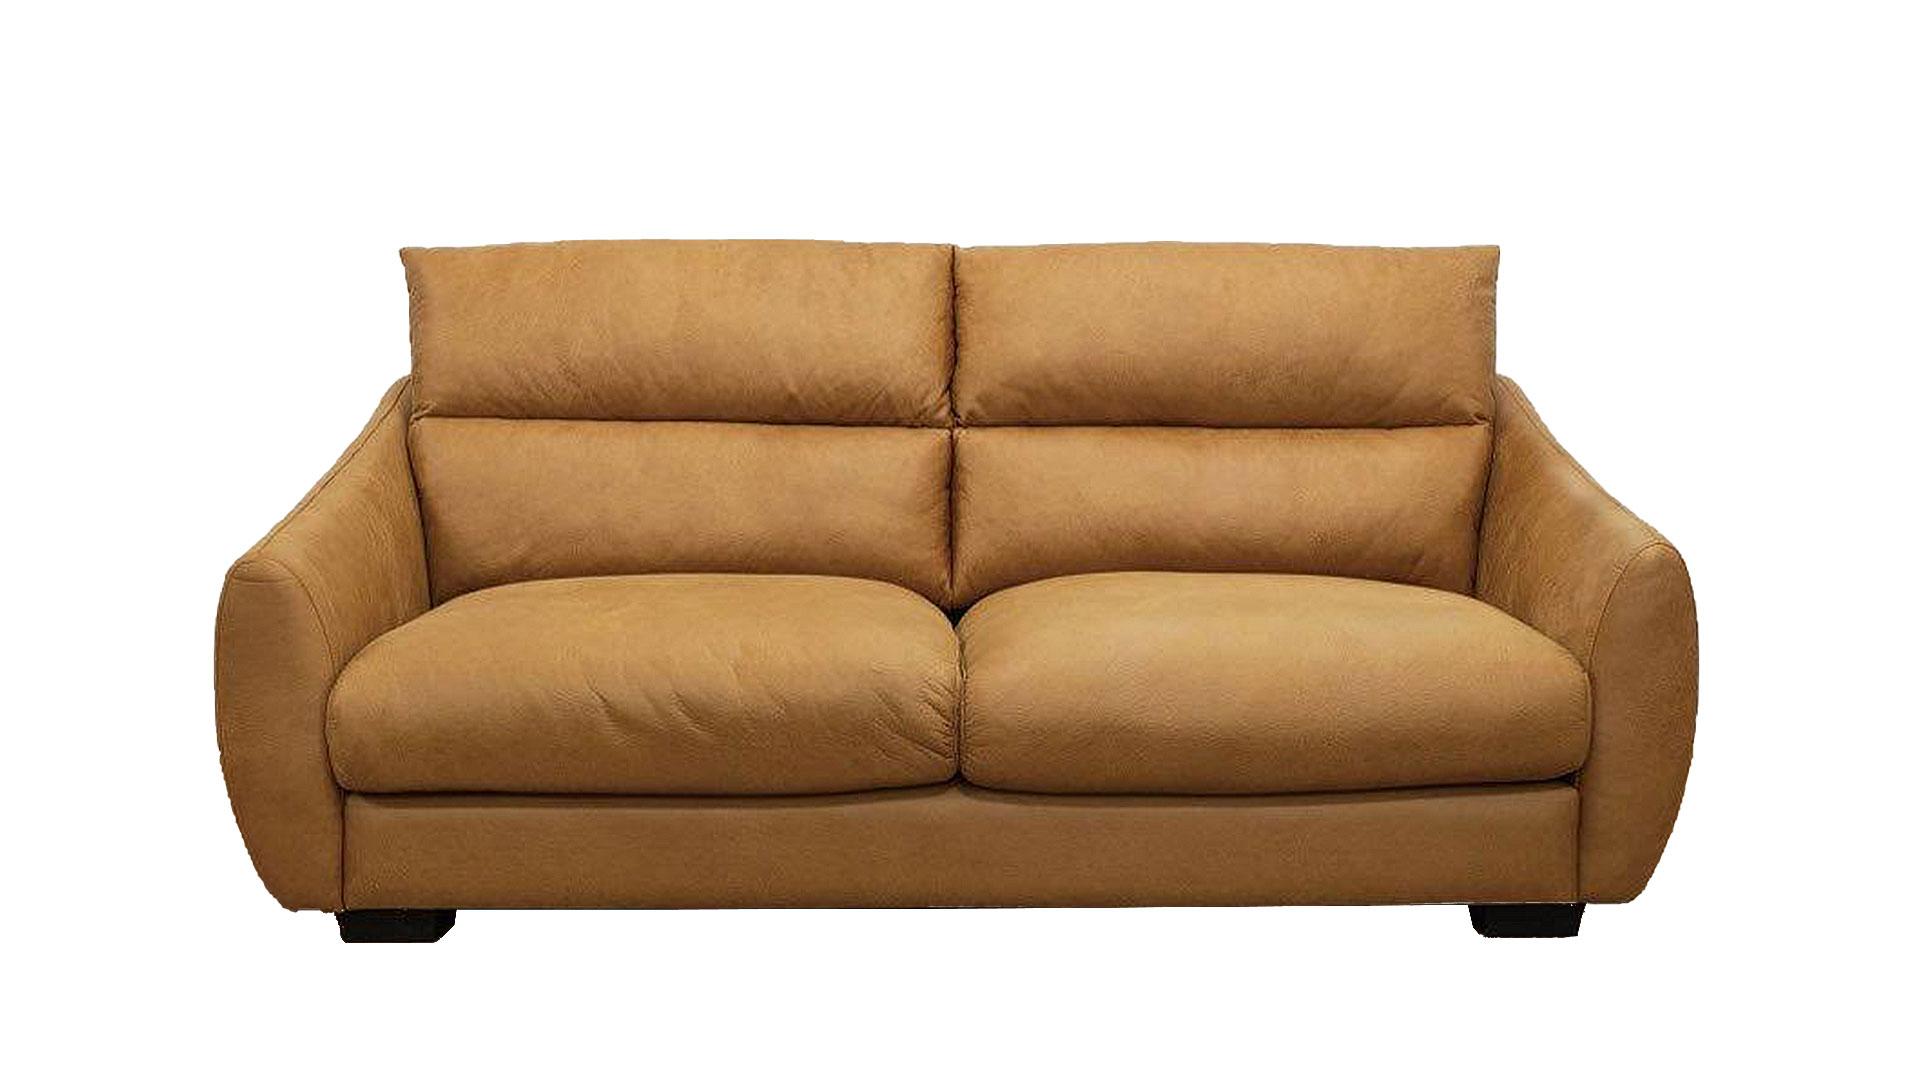 askinのソファ「ルーク」のキャメル色を正面から撮った画像